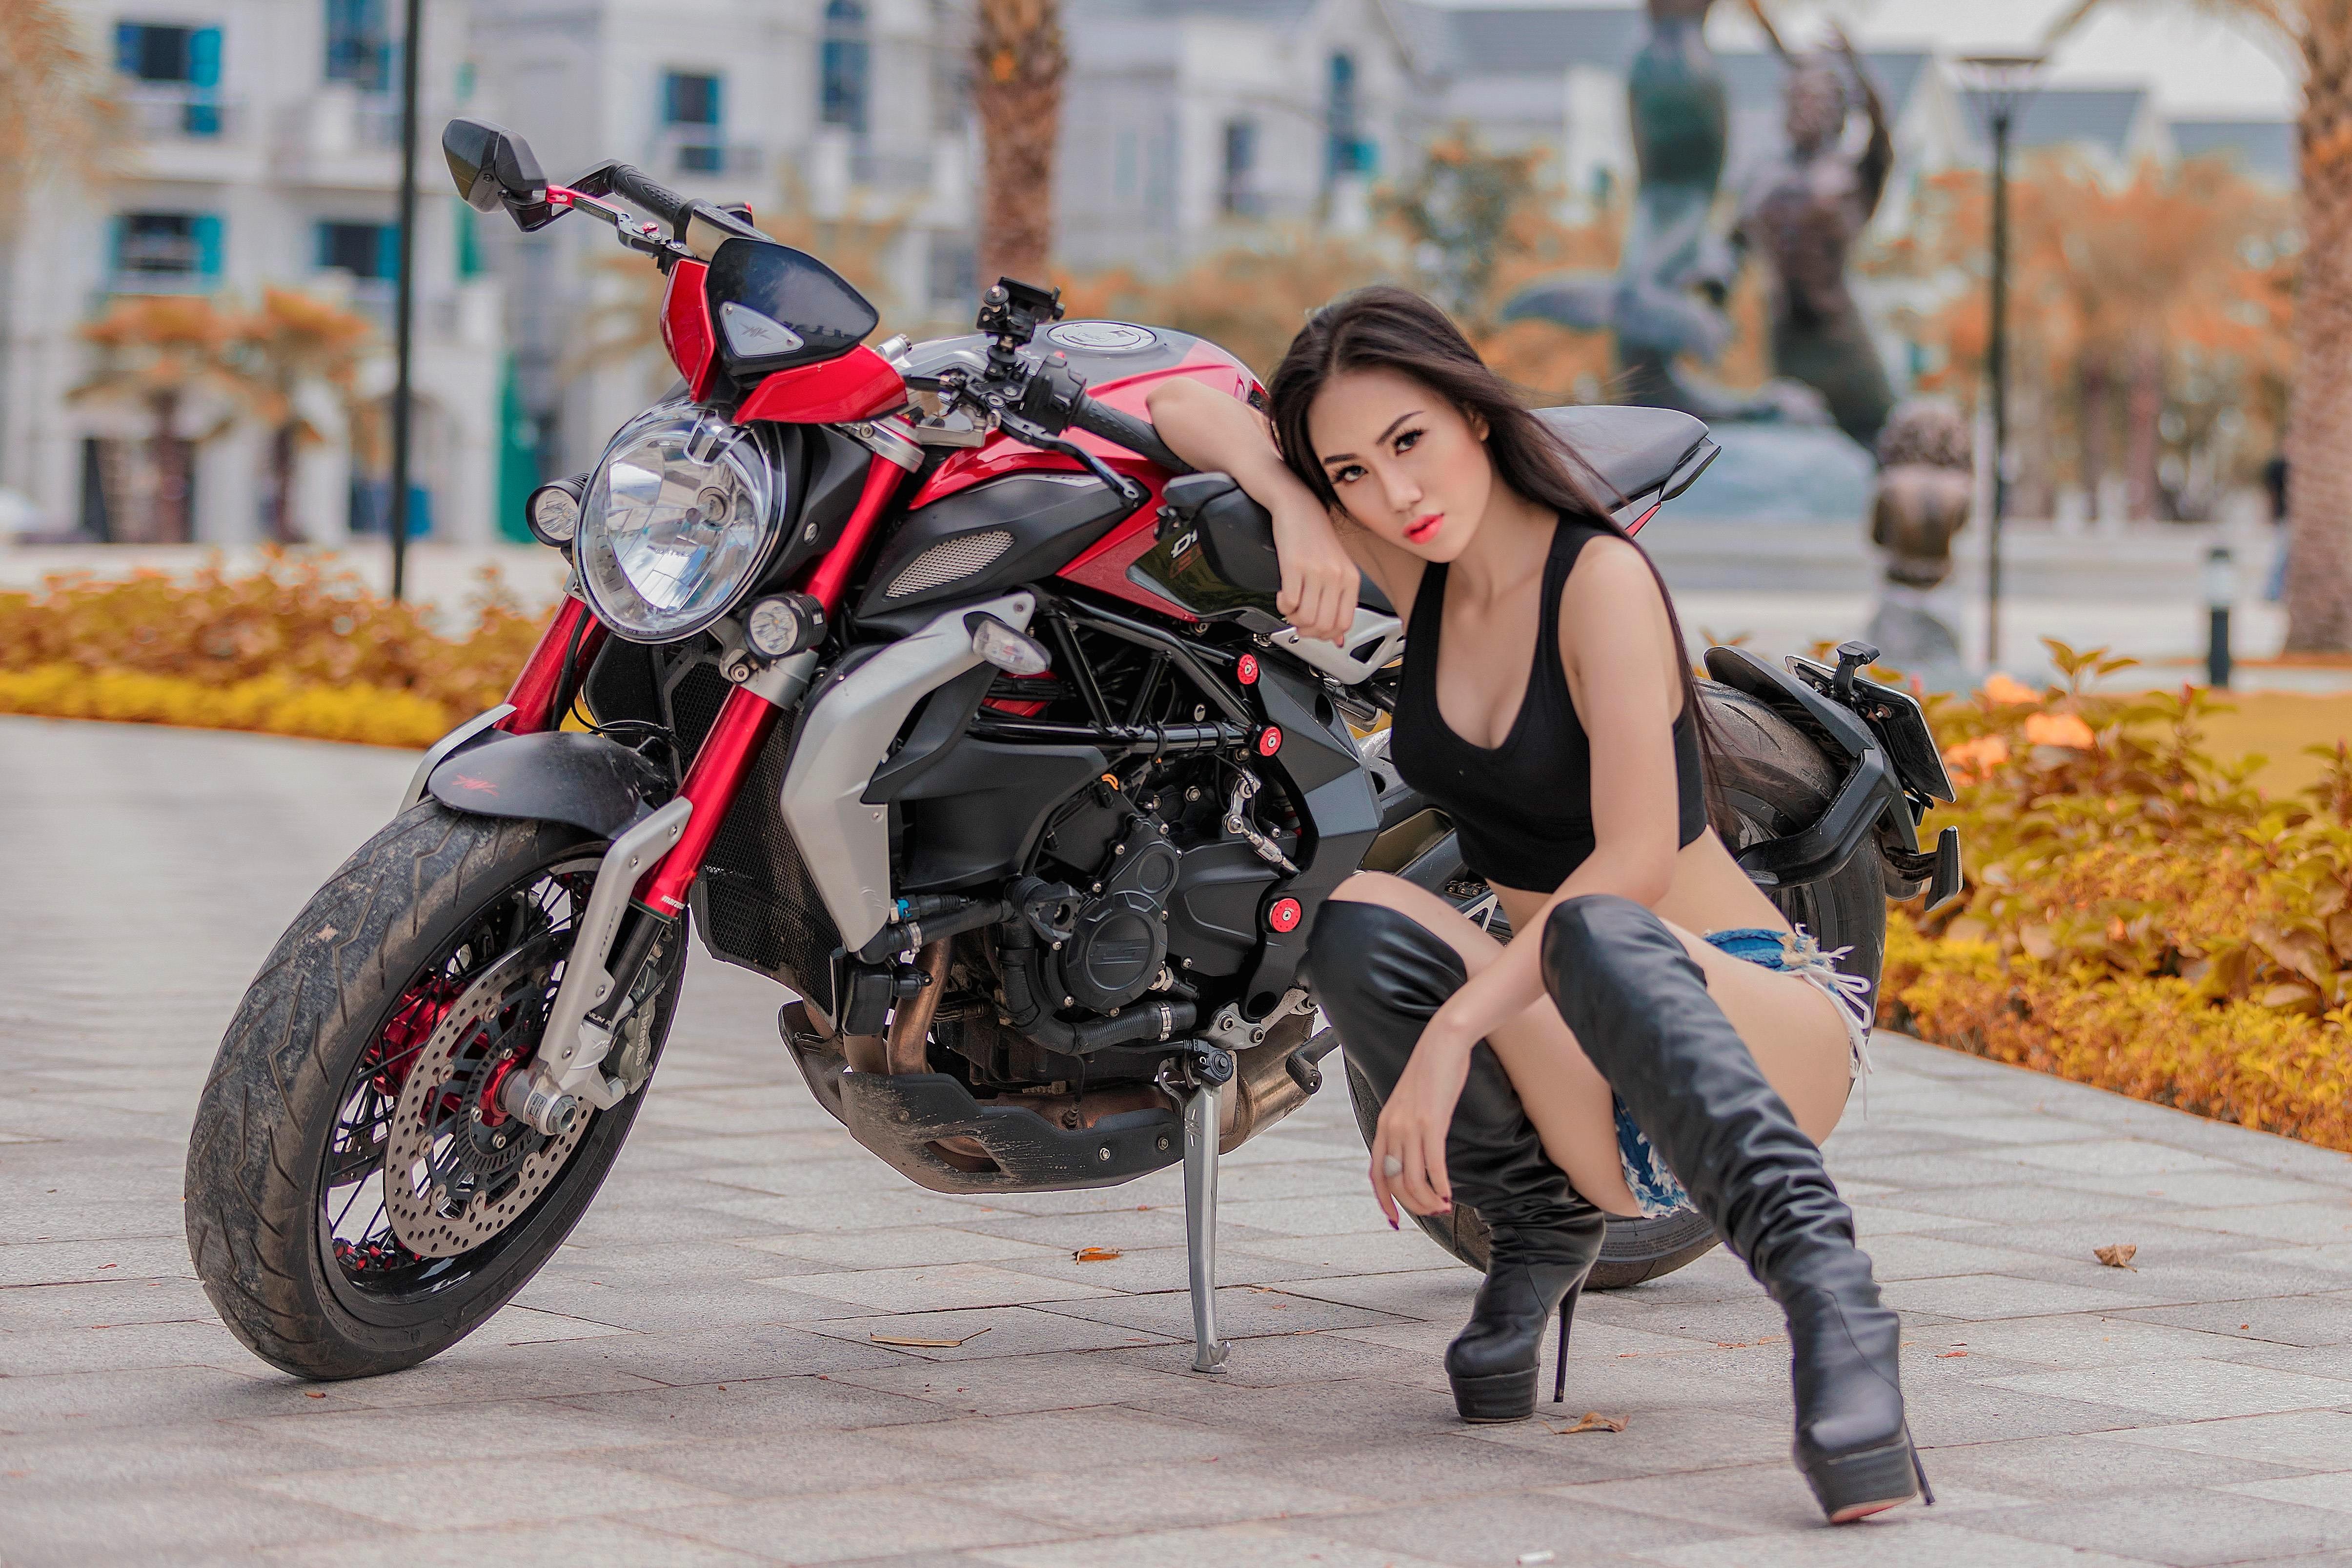 Người đẹp 9X 'đọ dáng' môtô phân khối lớn Ảnh 3